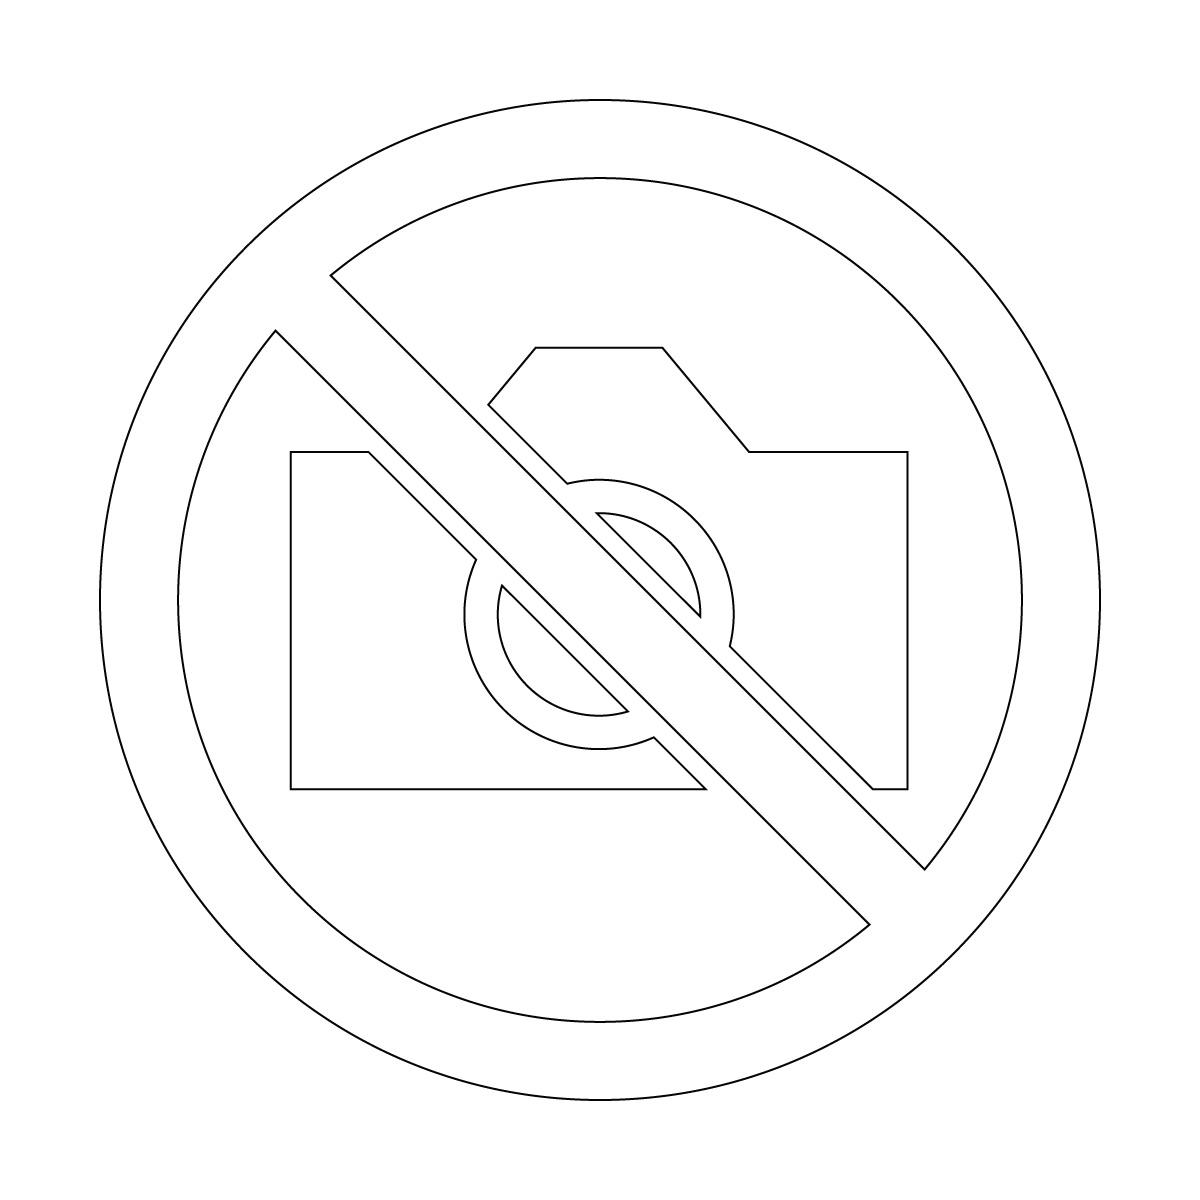 白色の撮影禁止マークのカッティングステッカー・シール 光沢タイプ・防水・耐水・屋外耐候3~4年